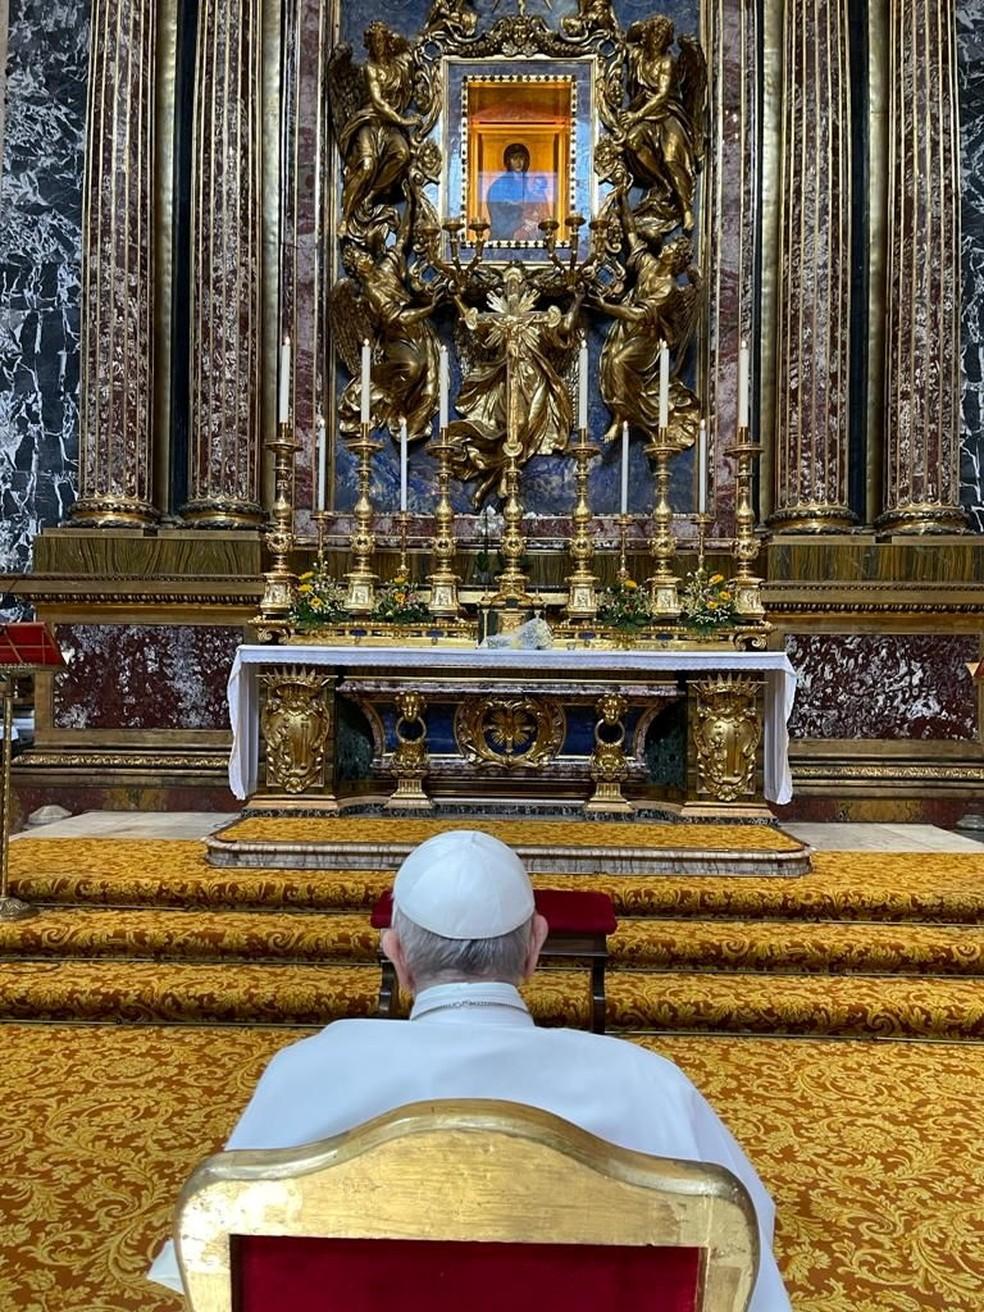 Vaticano divulga foto do Papa Francisco na Basílica de Santa Maria Maior, em frente à imagem da Virgem Maria, após receber alta de hospital em 14 de julho de 2021 — Foto: Vaticano via Reuters